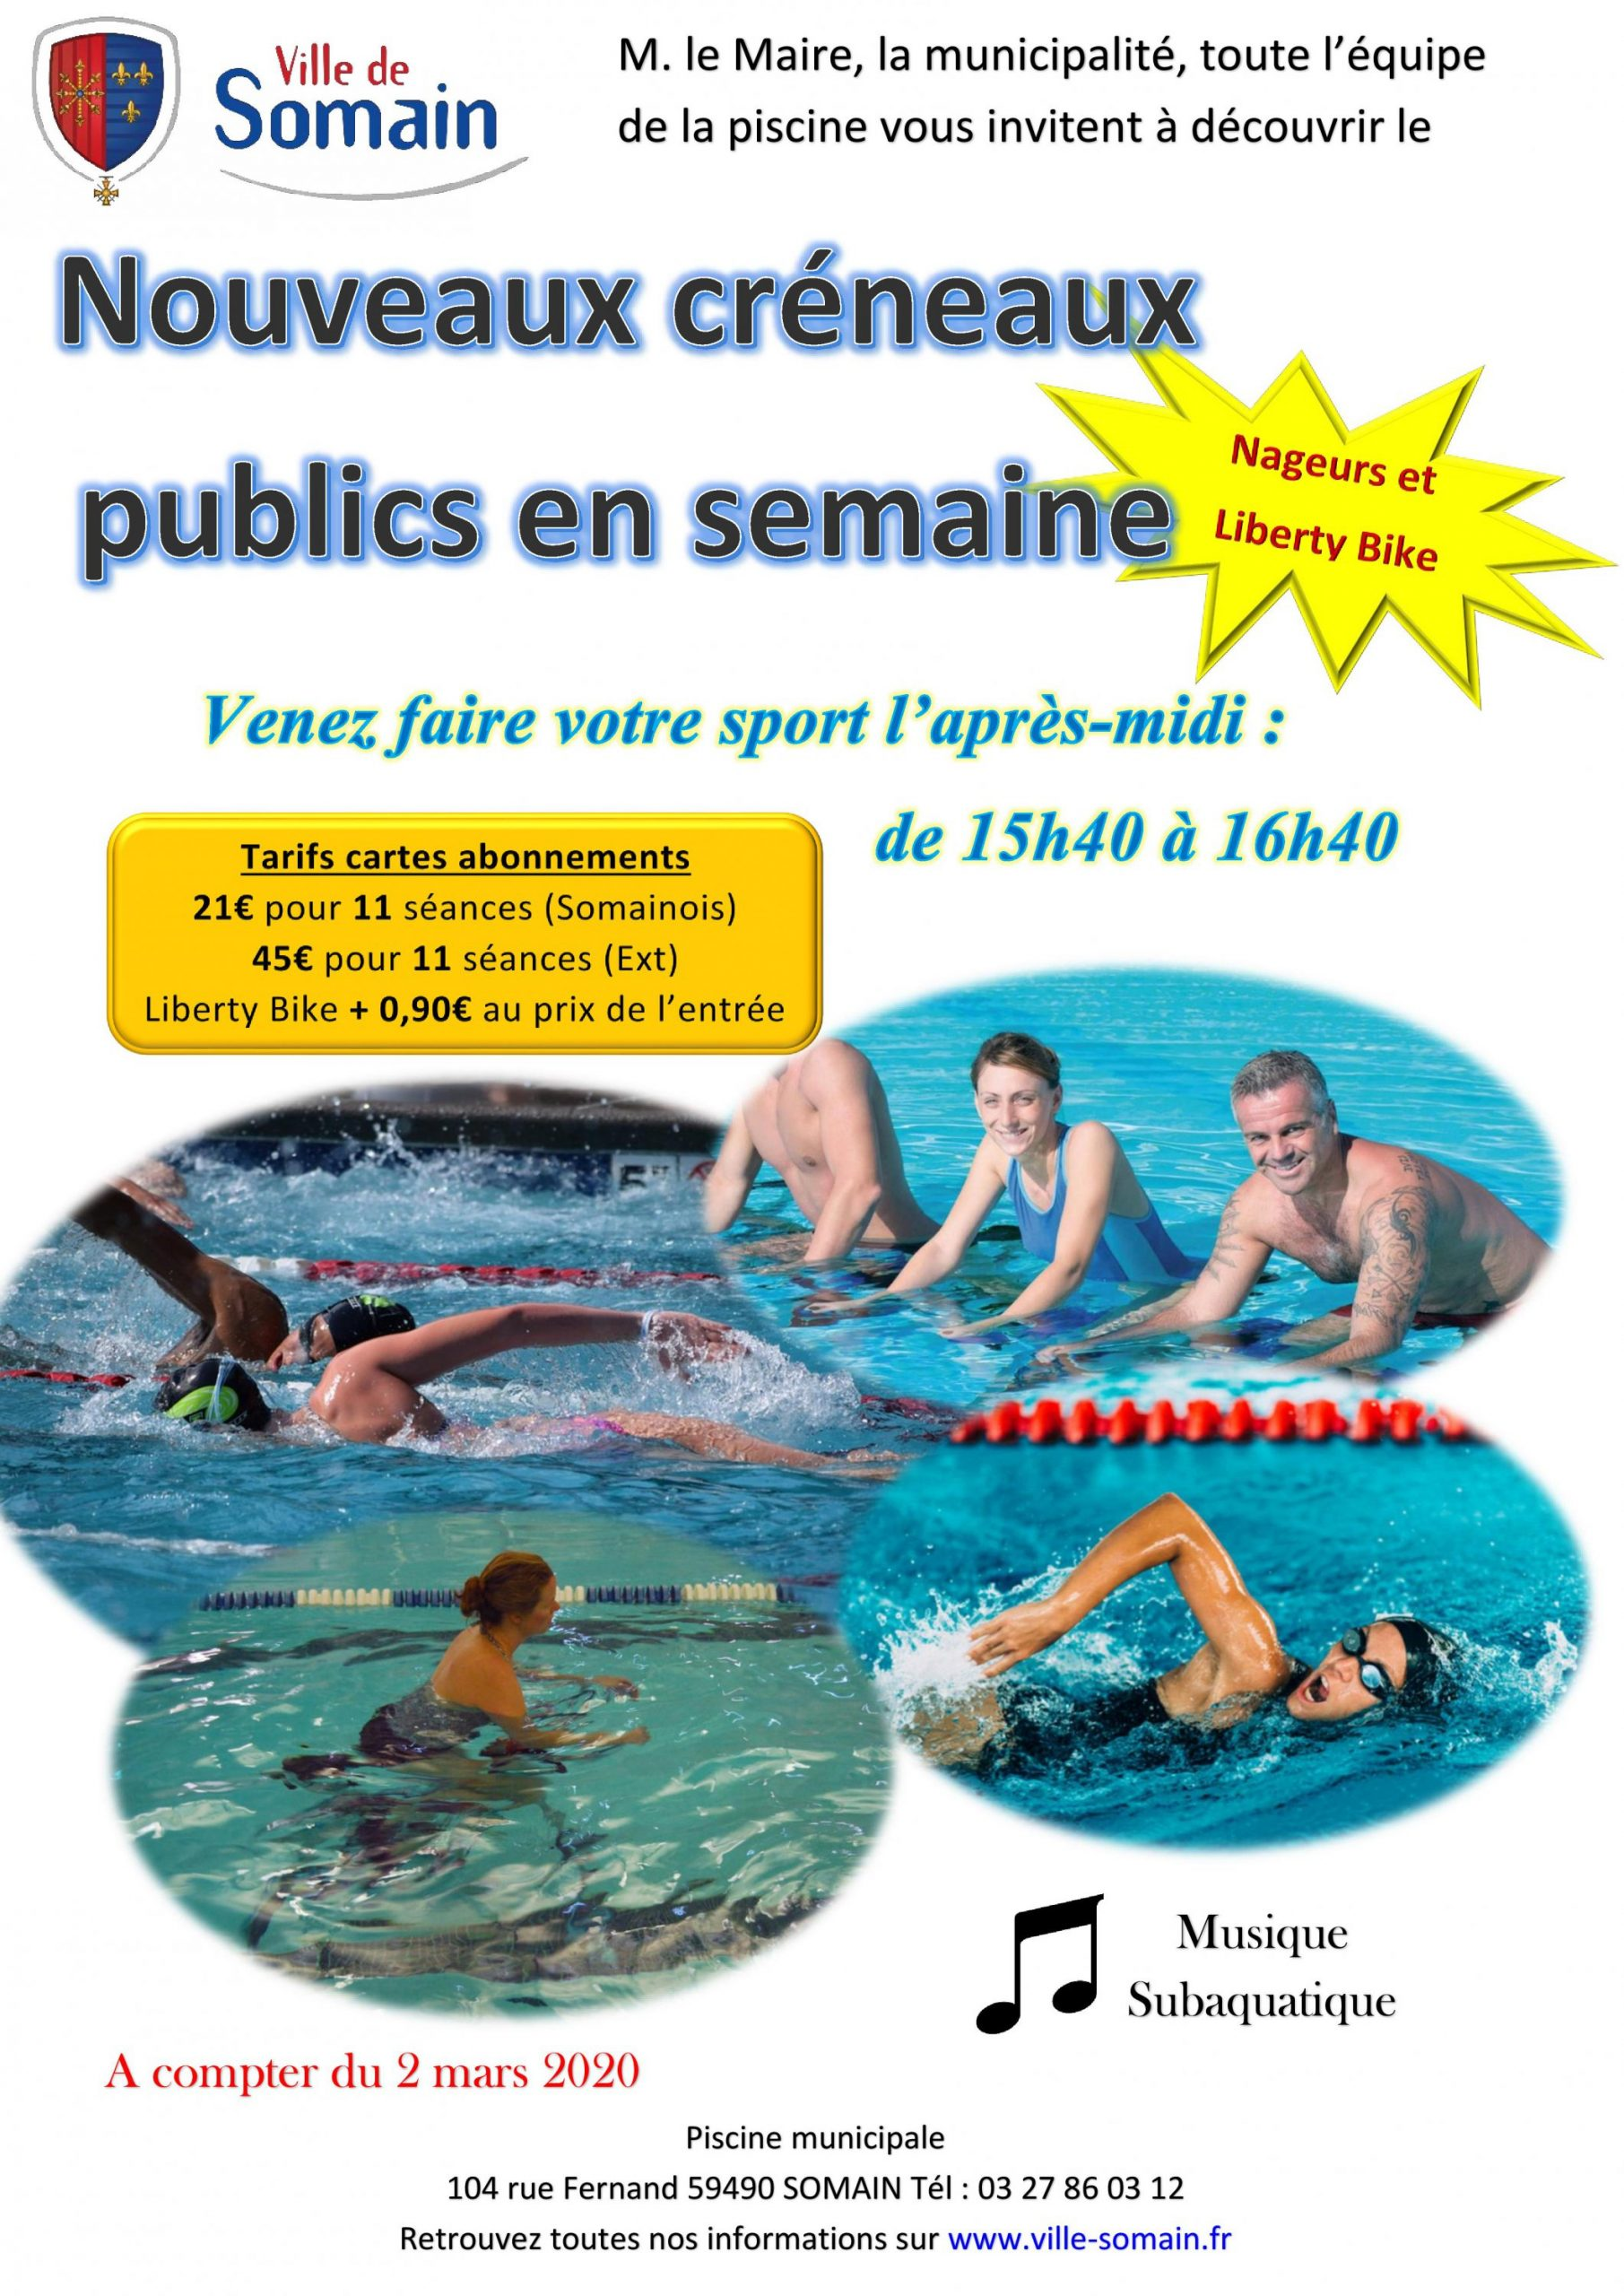 Planning À Partir Du 2 Mars - Ville De Somain destiné Piscine Somain